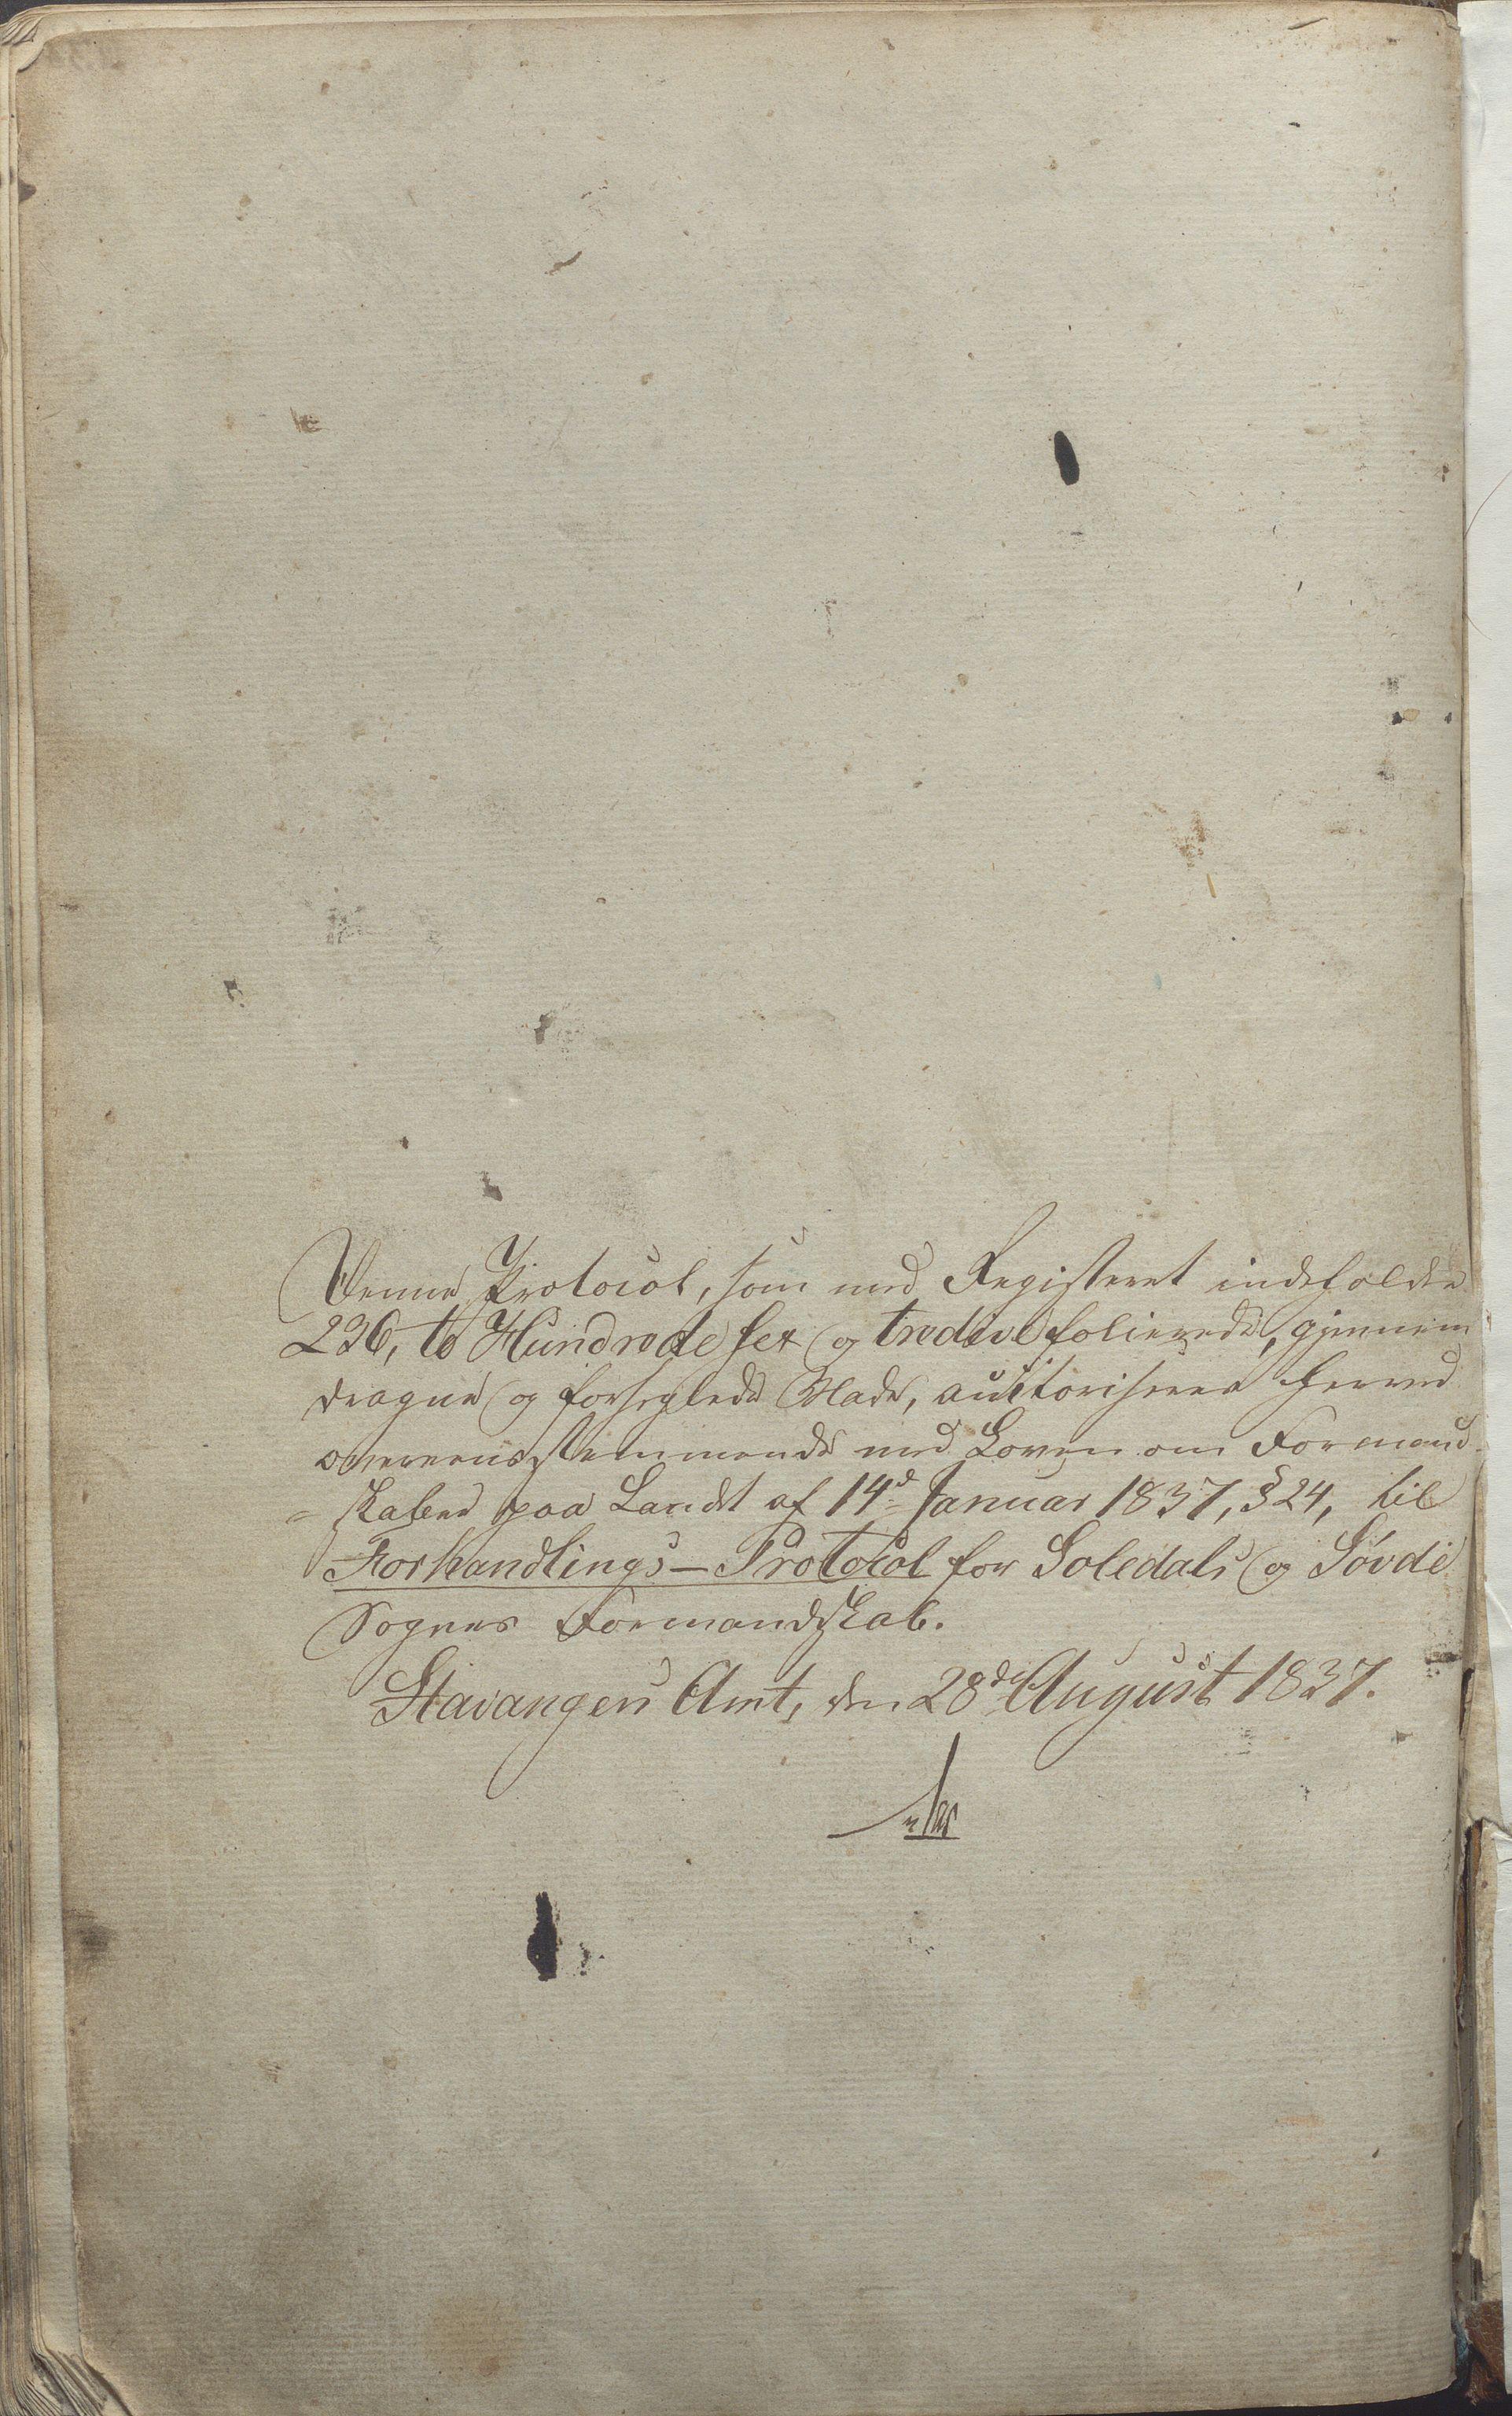 IKAR, Suldal kommune - Formannskapet/Rådmannen, A/Aa/L0001: Møtebok, 1837-1876, s. 236b